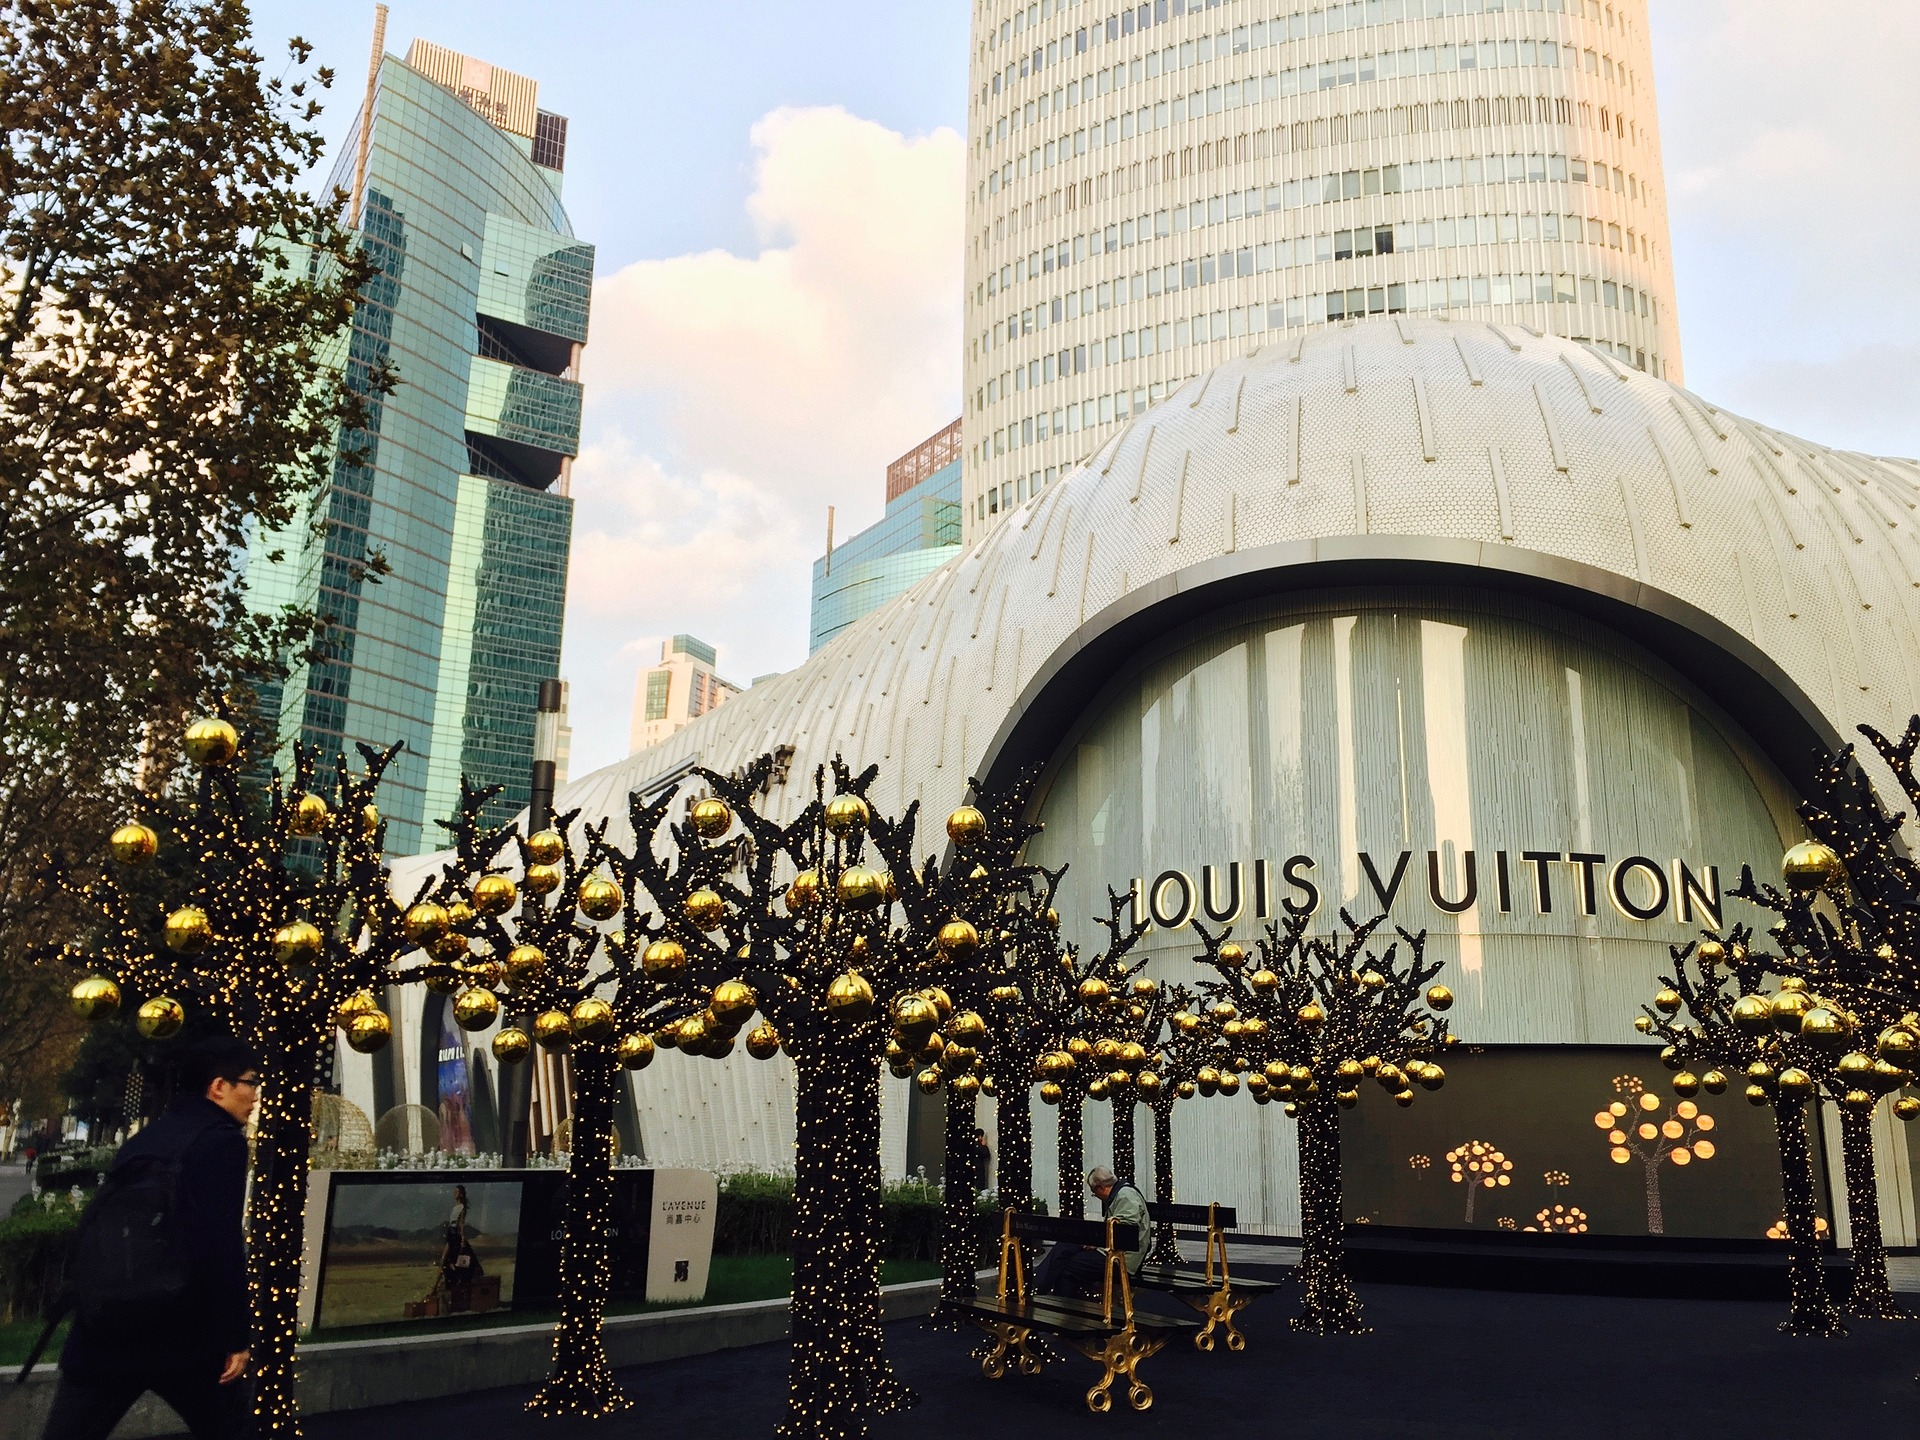 Louis Vuitton armbanden